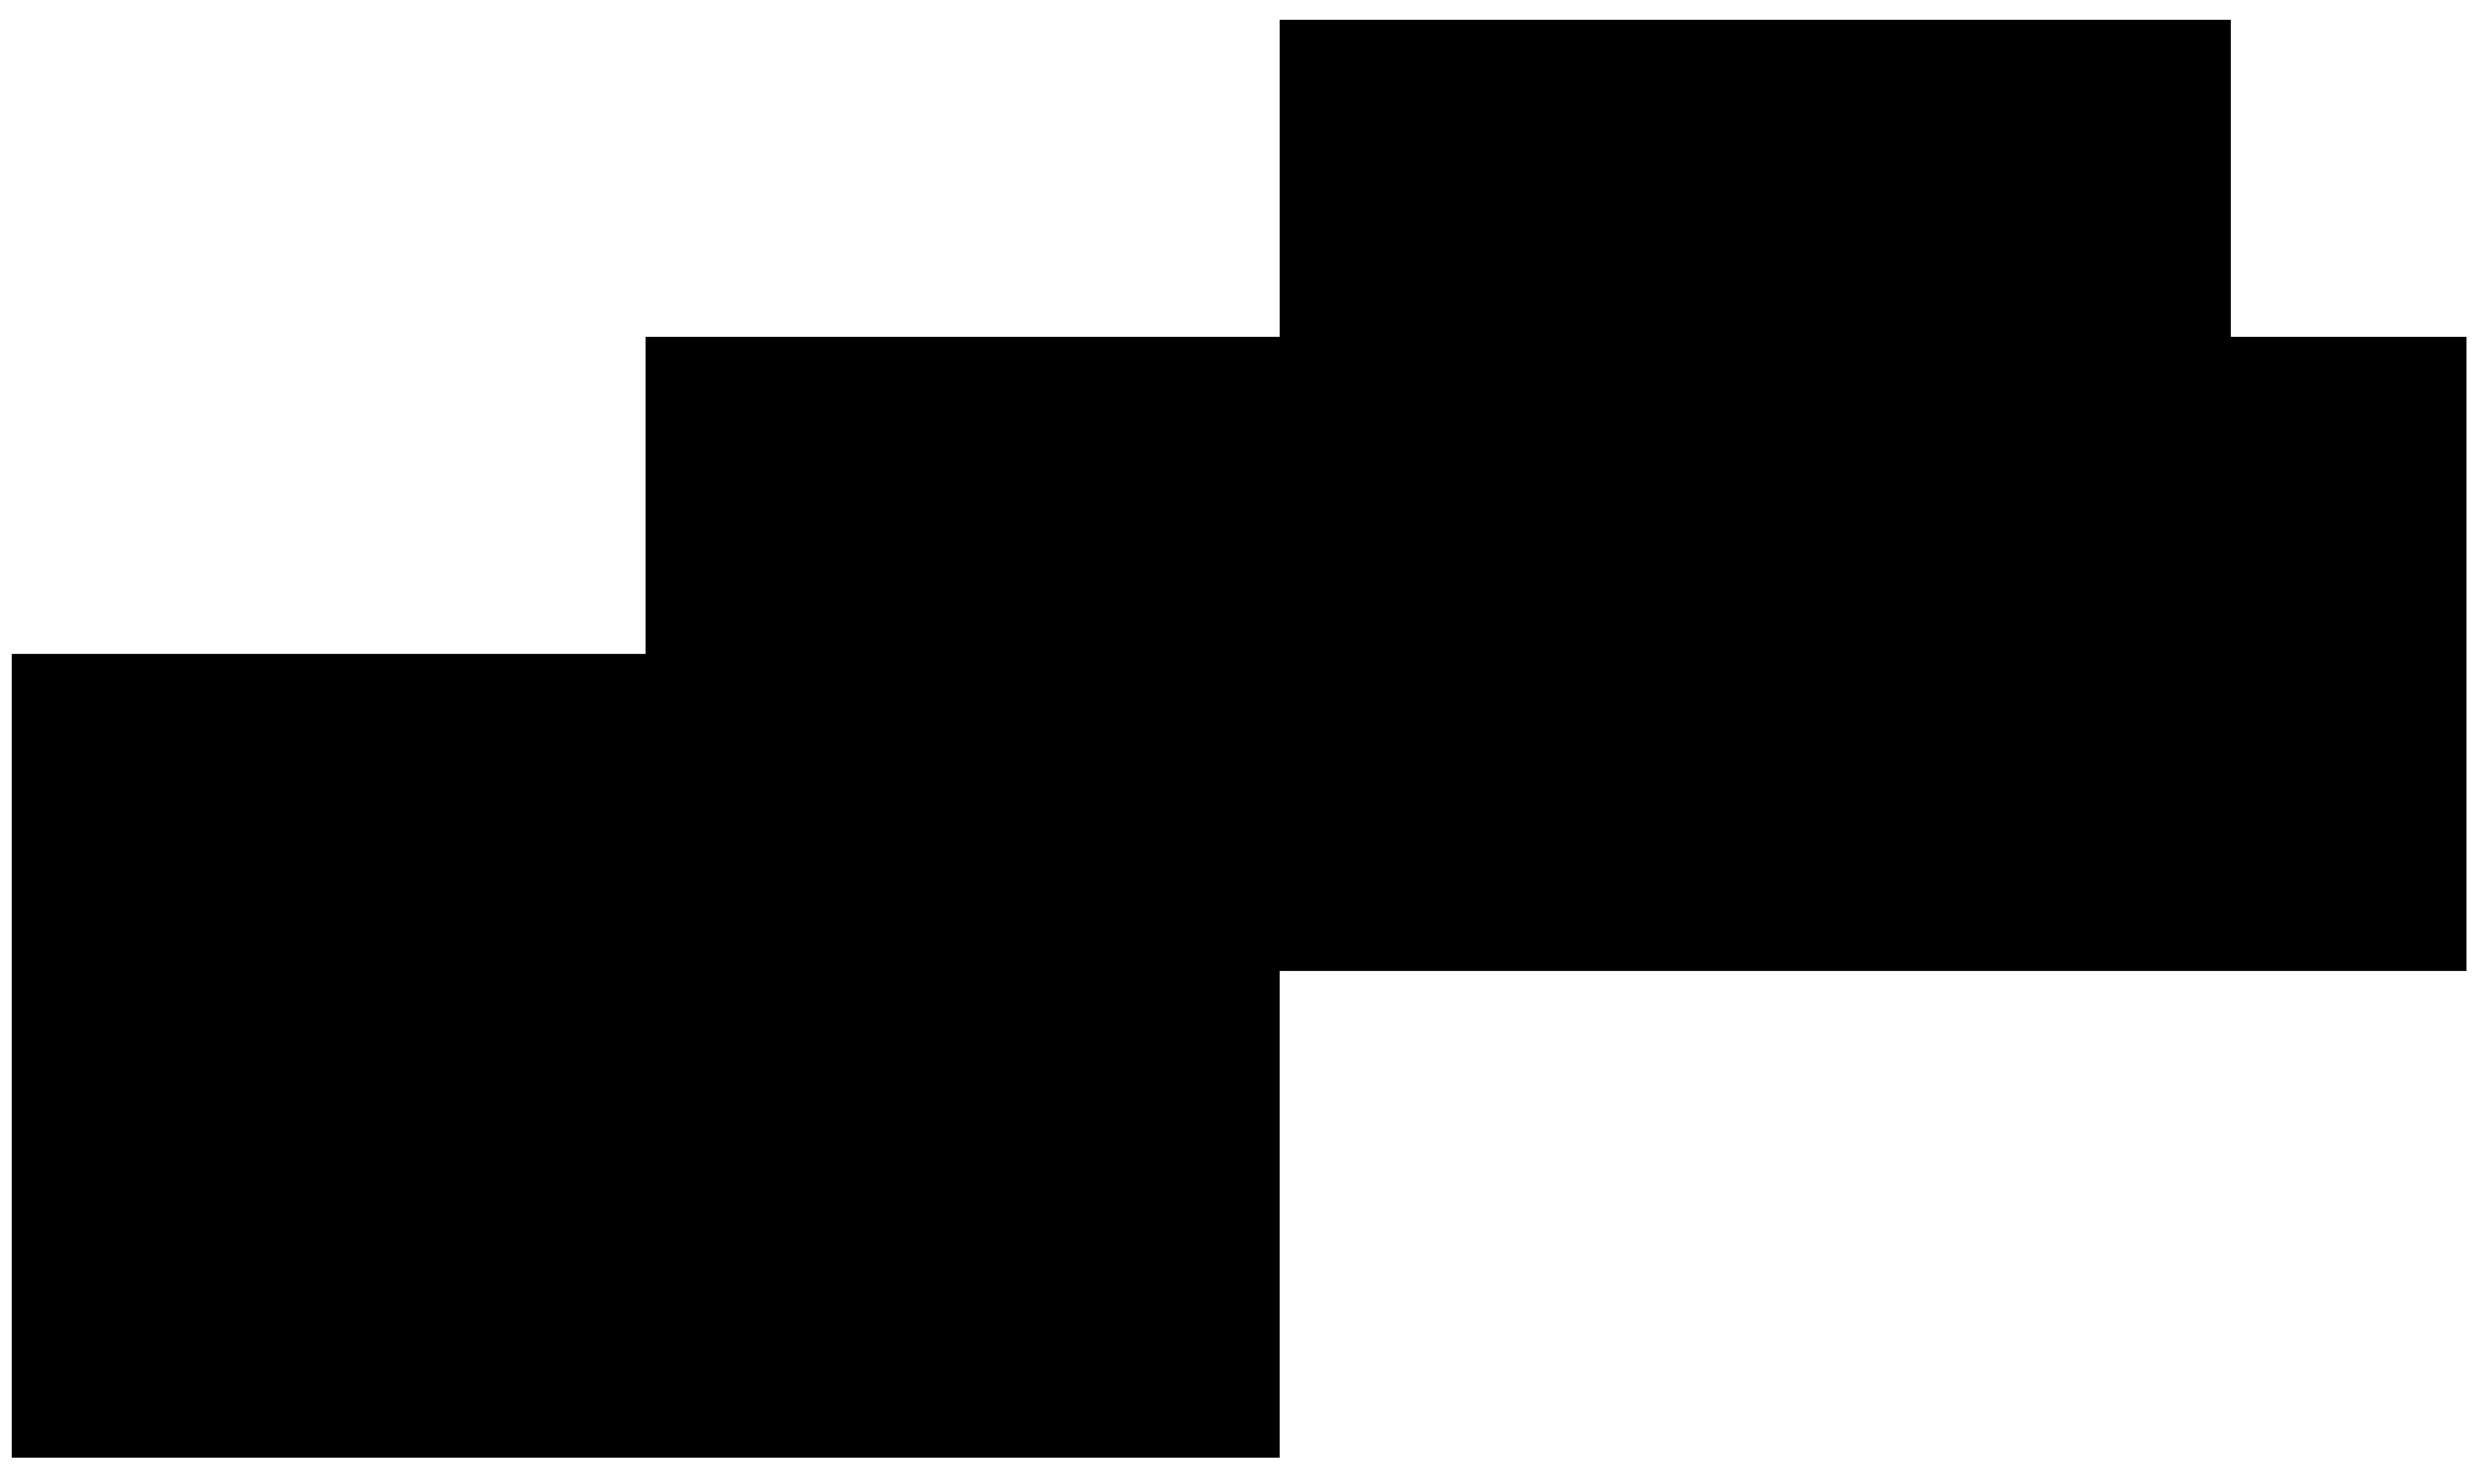 Clipart fish scuba. Diver silhouette png clip